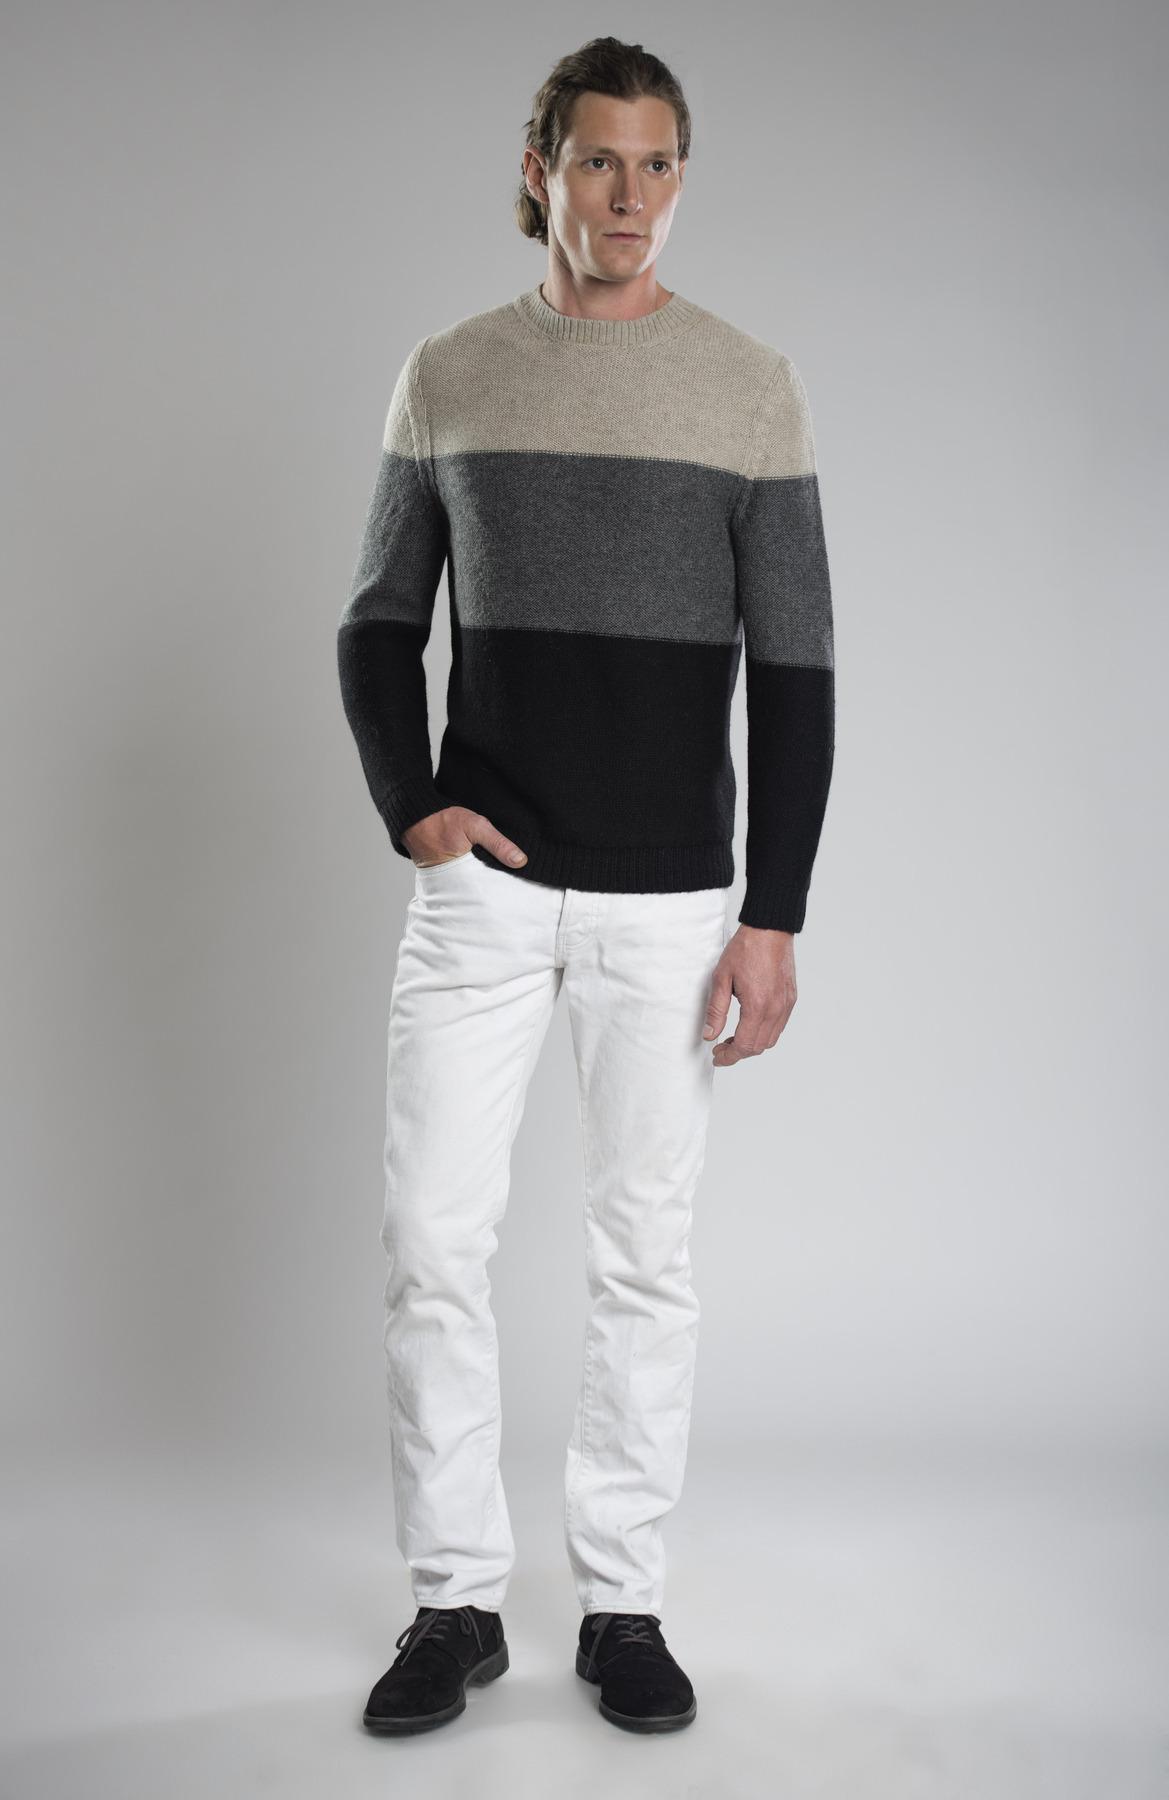 Lucas 100% Baby Llama Grey Sweater